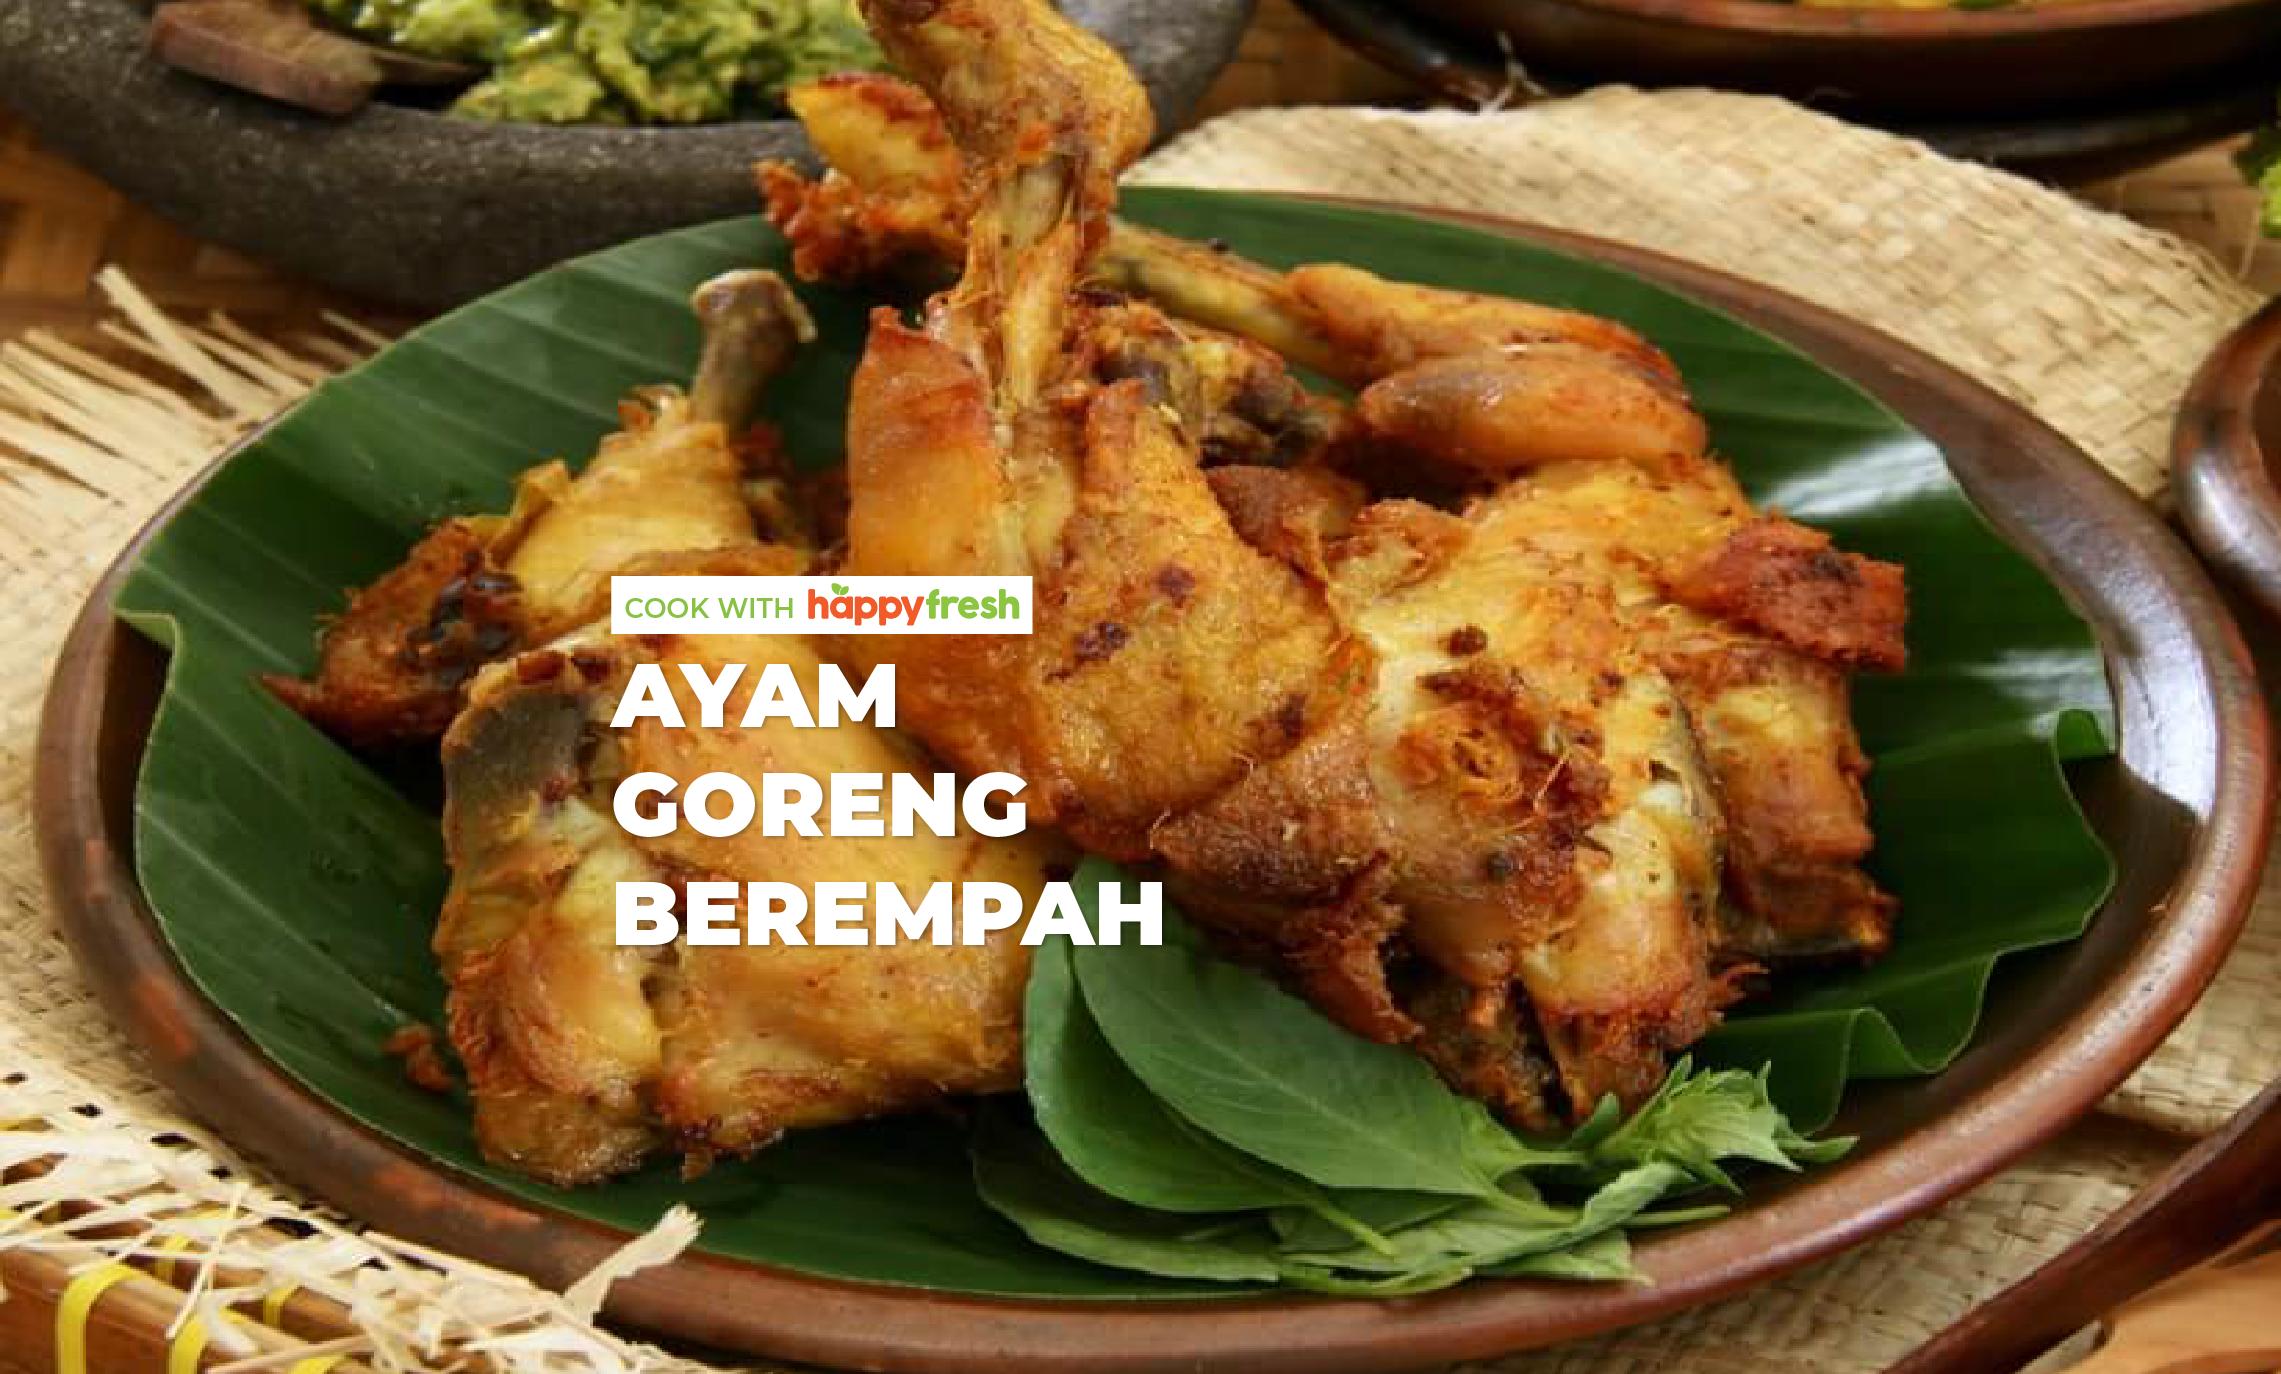 Ayam Goreng Berempah recipe